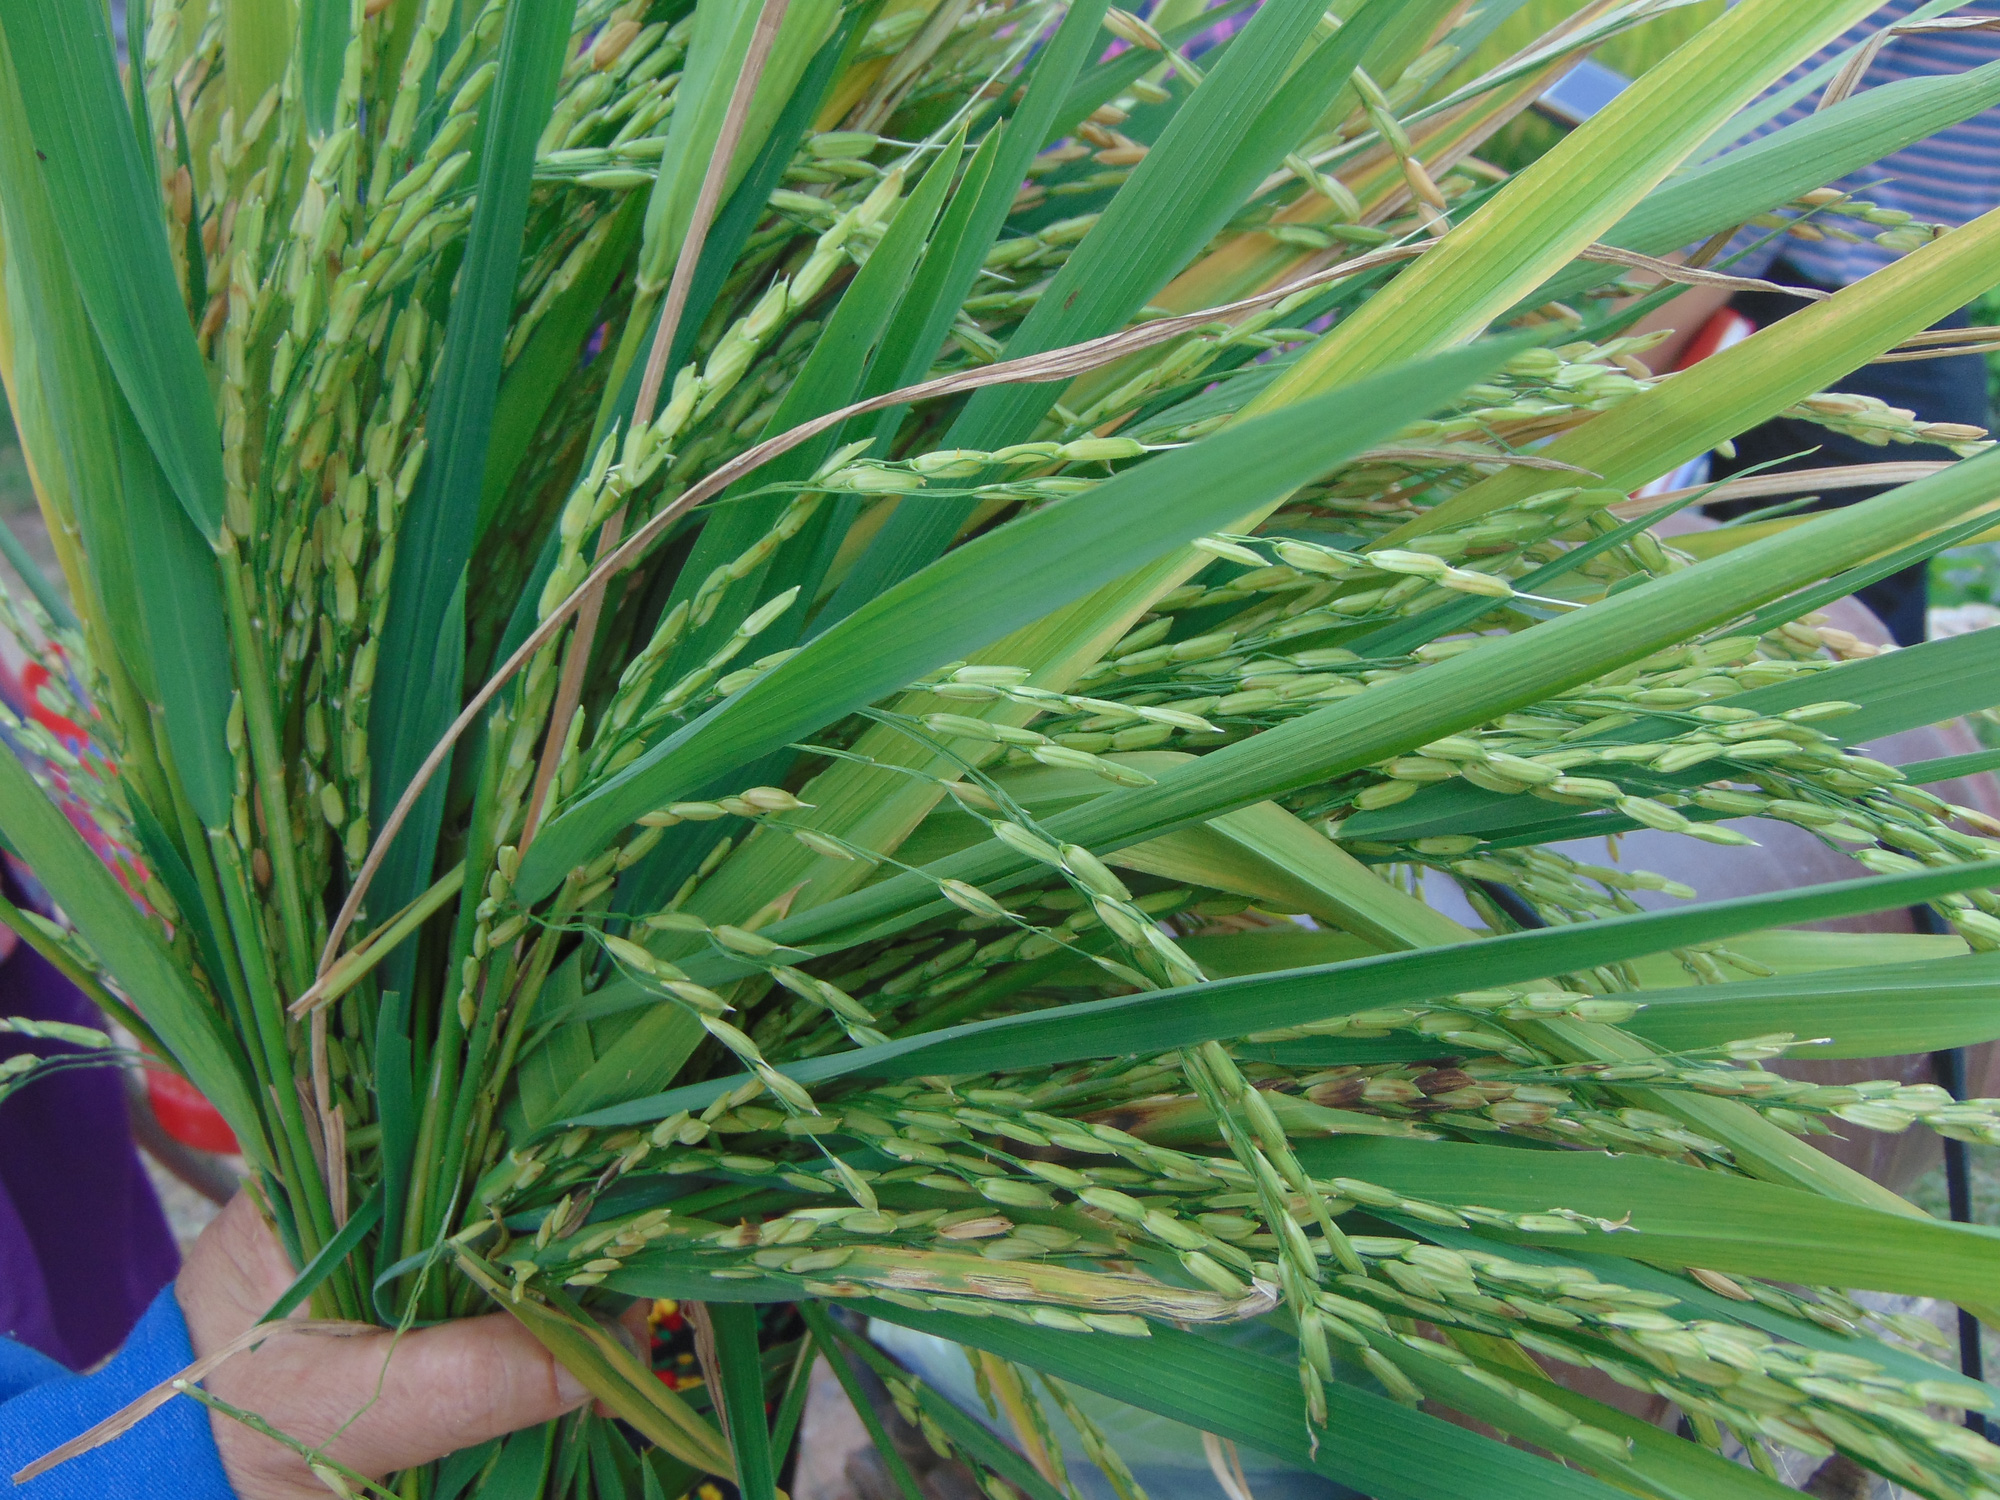 Thái Nguyên: Nhiều hộ dân mất trắng do gieo cấy giống lúa lạ - Ảnh 3.